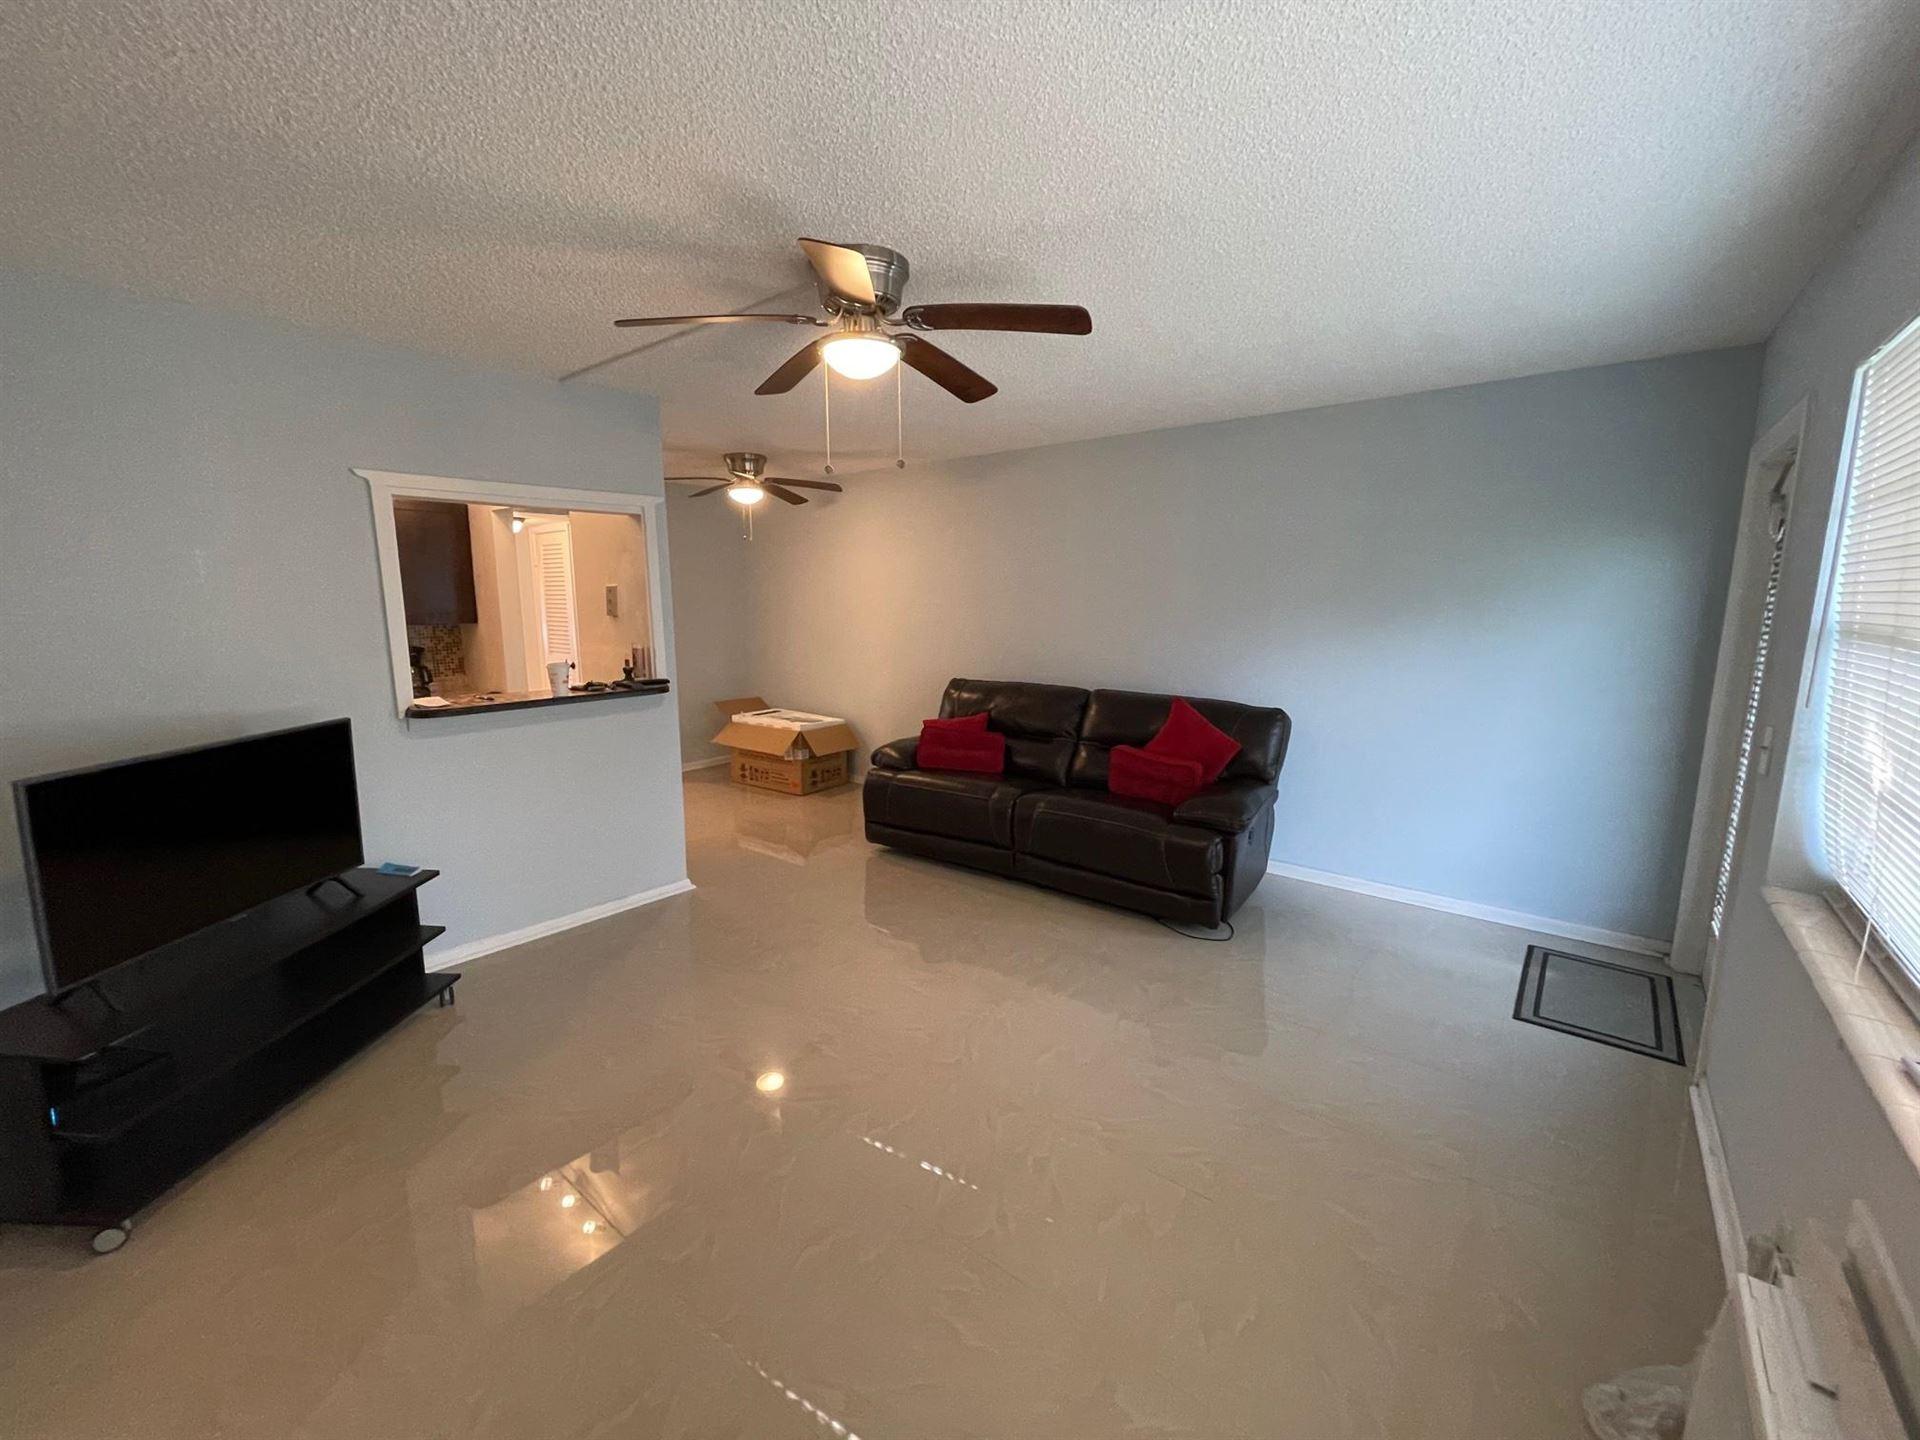 Photo of 555 Durham T #555, Deerfield Beach, FL 33442 (MLS # RX-10716875)